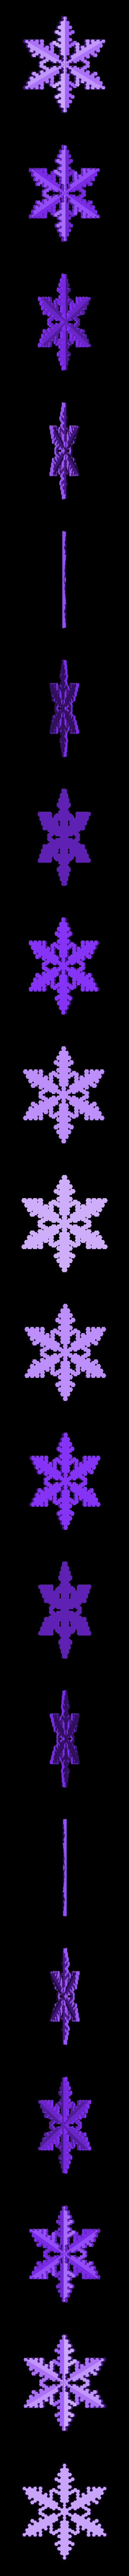 Reiter_20_ridged.stl Download free STL file Snowflake growth simulation in BlocksCAD • 3D printing design, arpruss